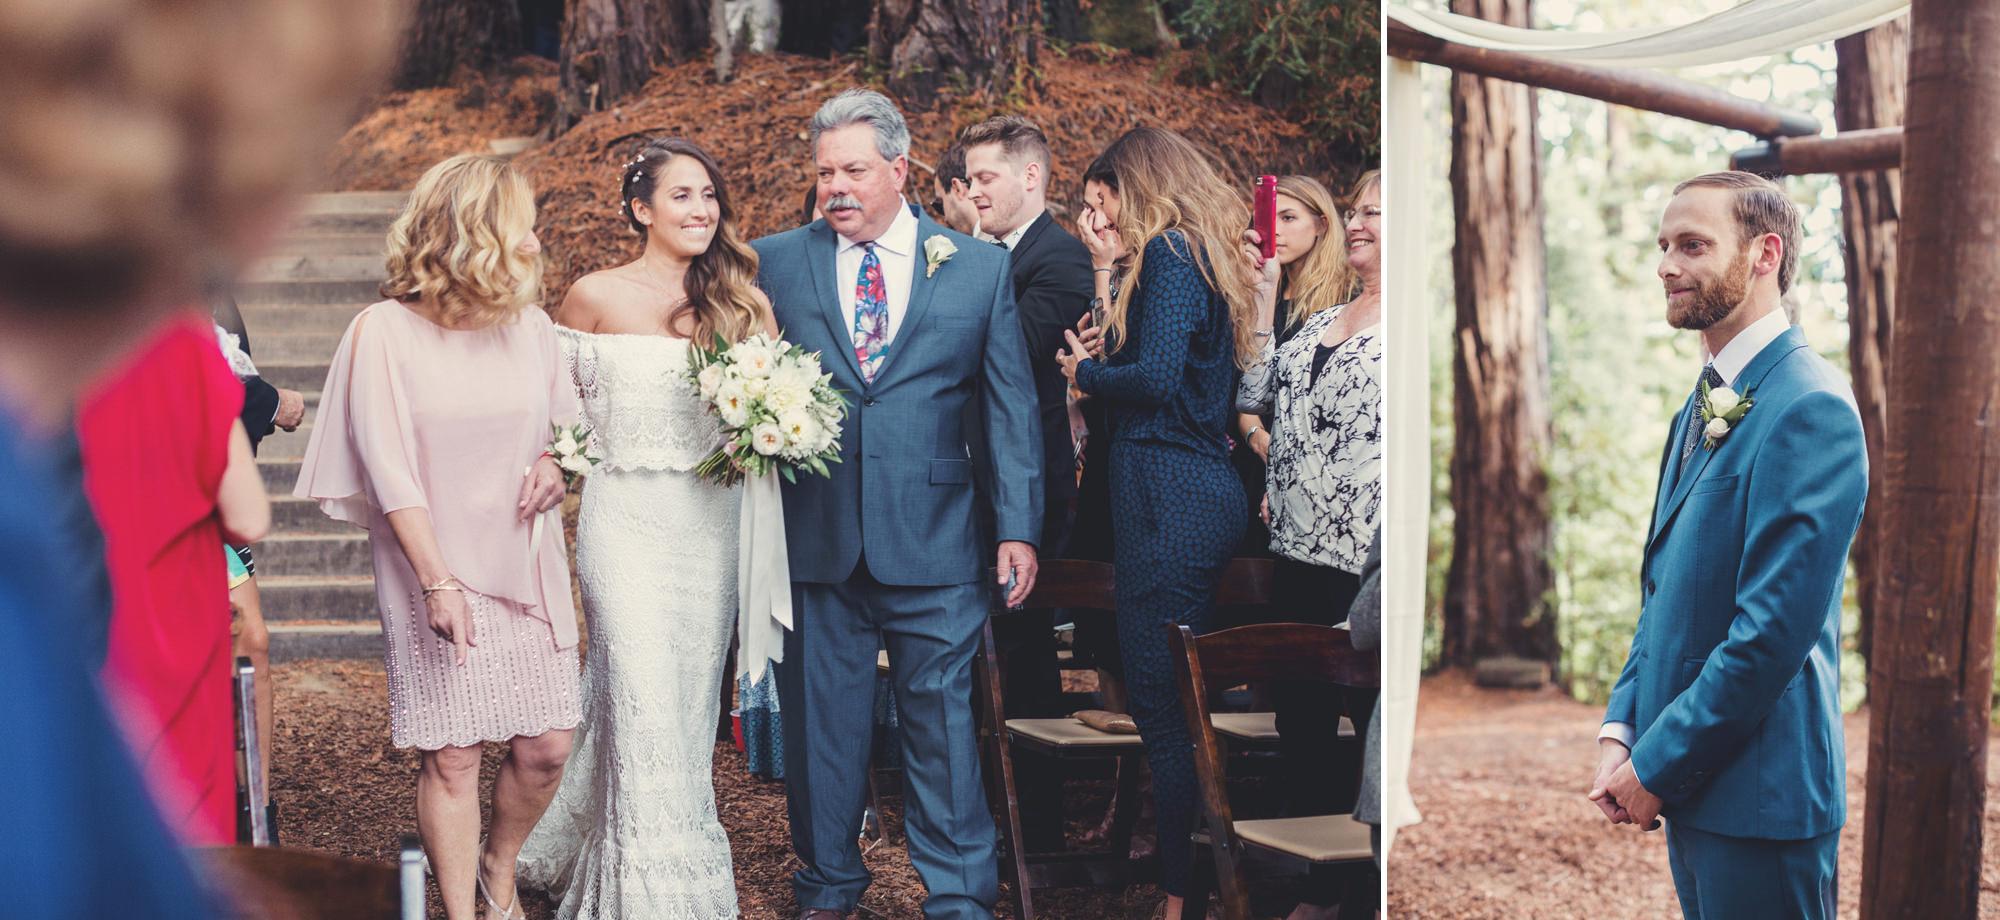 Sequoia Retreat Center Wedding@Anne-Claire Brun 65